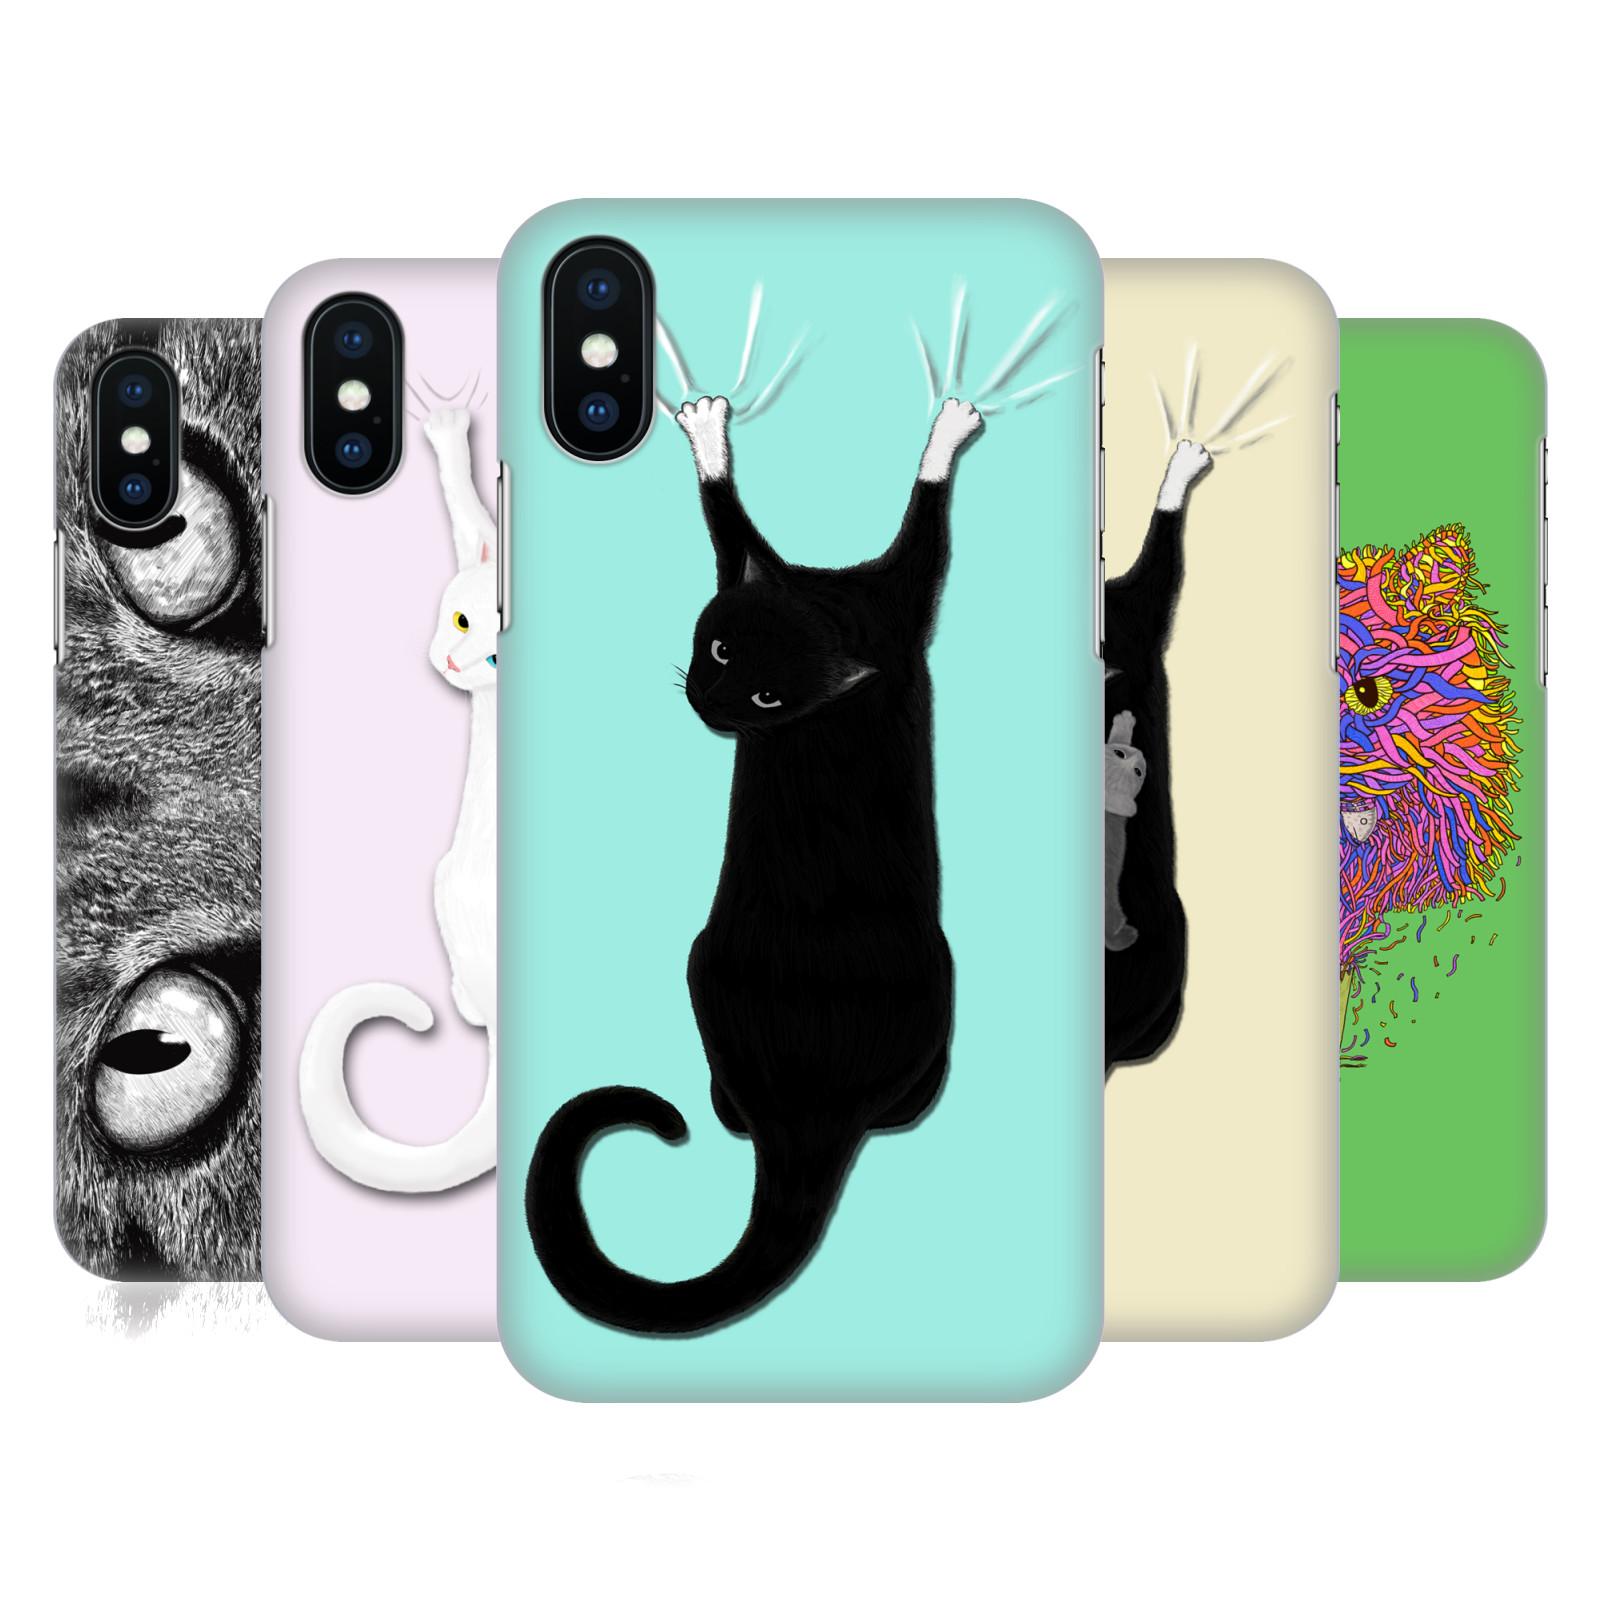 Tummeow Cats